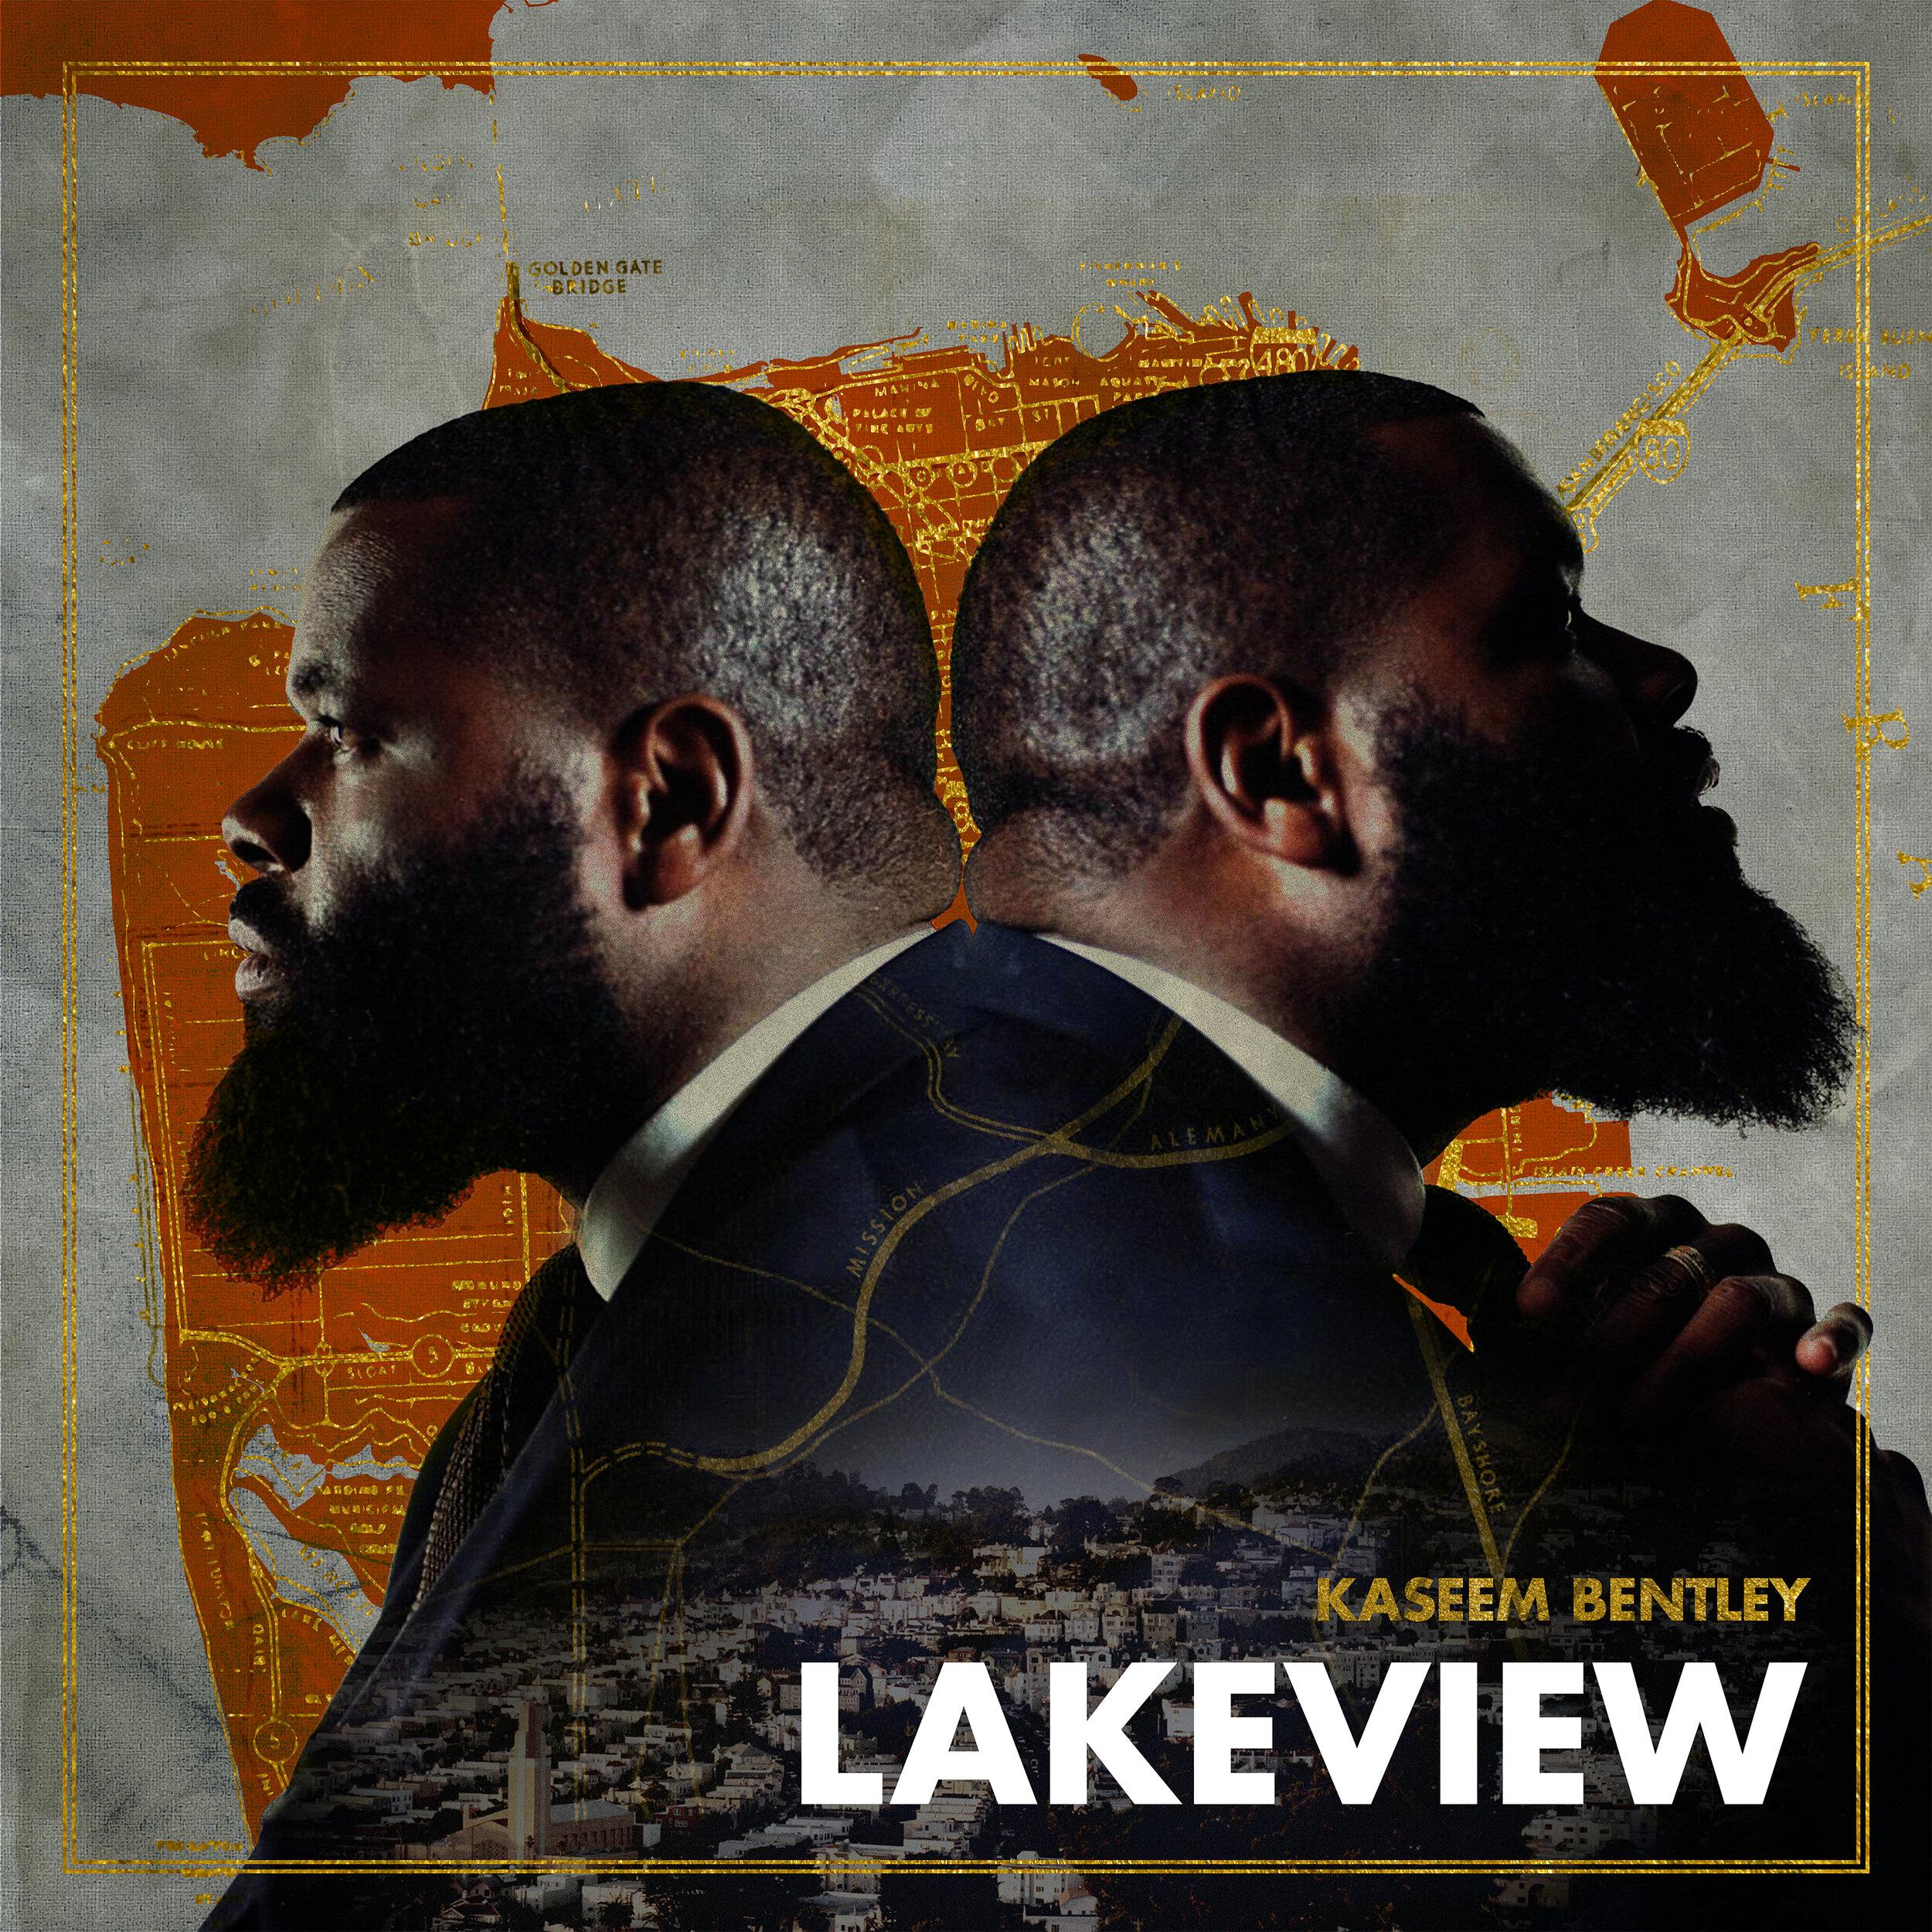 Kaseem Bentley - Lakeview [Digital Art].jpg